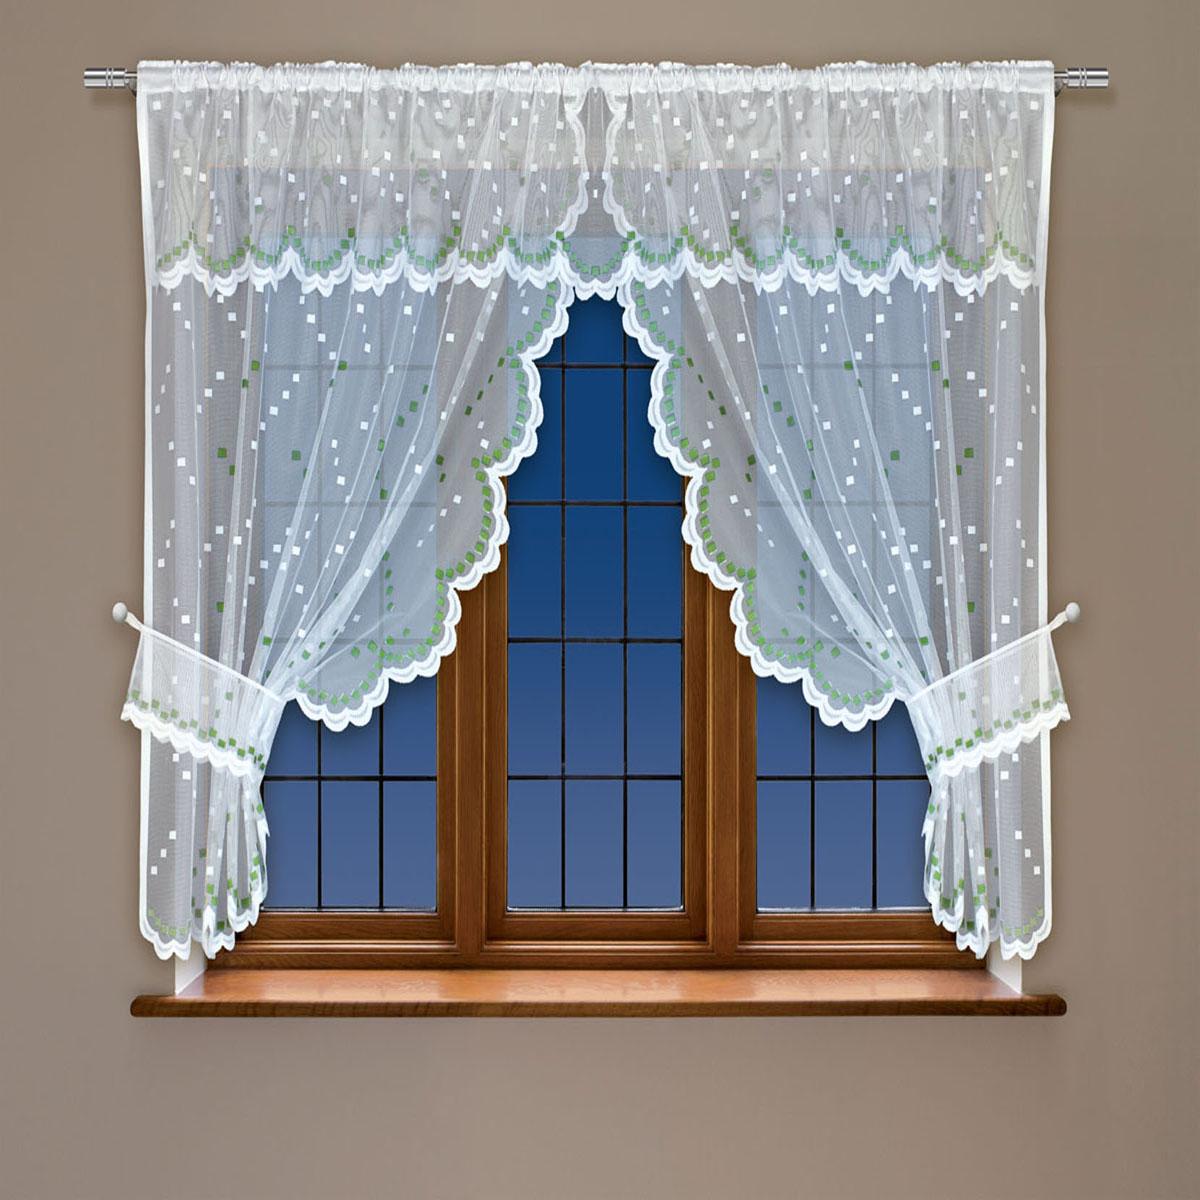 Гардина Haft, на кулиске, цвет: белый, зеленый, высота 107 см. 228410S03301004Воздушная гардина Haft, выполненная из полиэстера, великолепно украсит любое окно.Изделие имеет оригинальный дизайн и органично впишется в интерьер помещения.Гардина крепится на карниз при помощи кулиски.